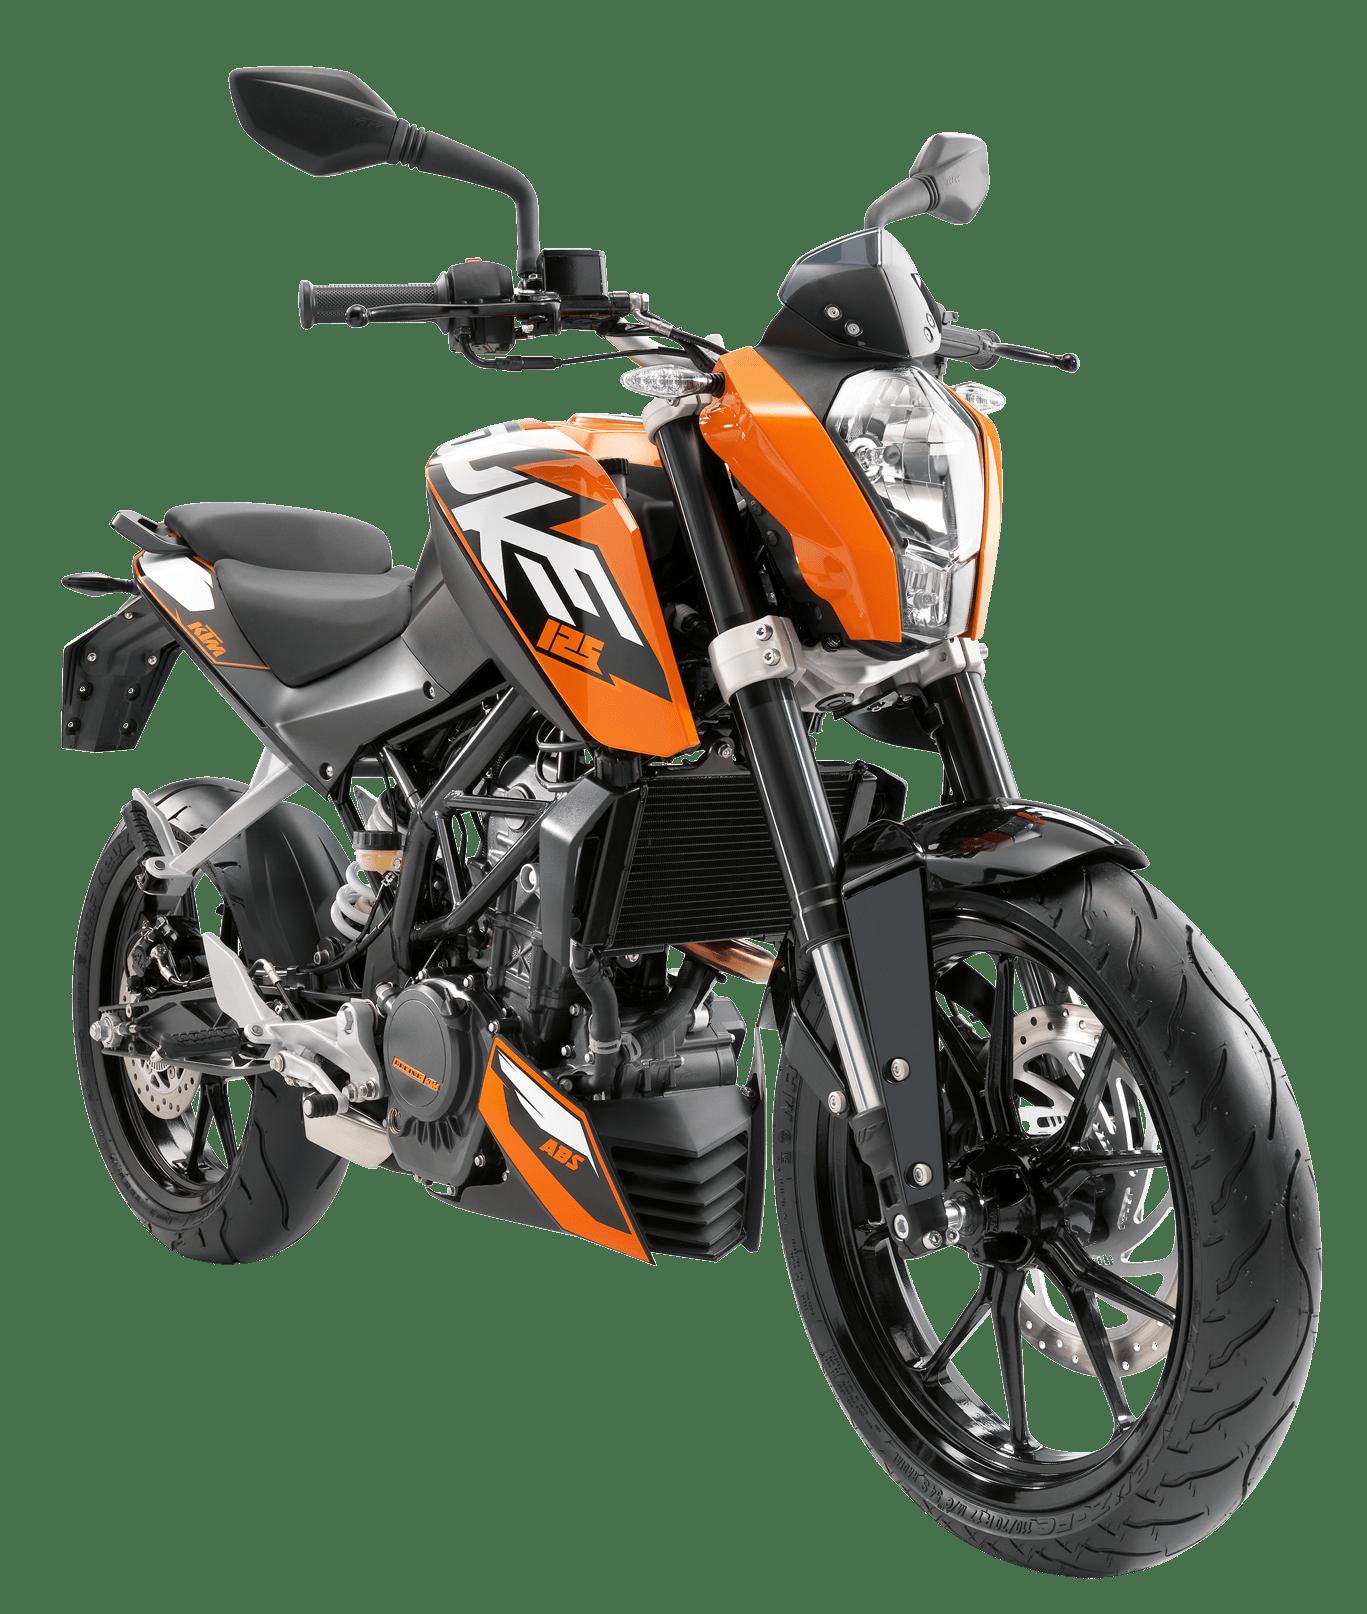 Kawasaki Ninja Zx 10r Sport M